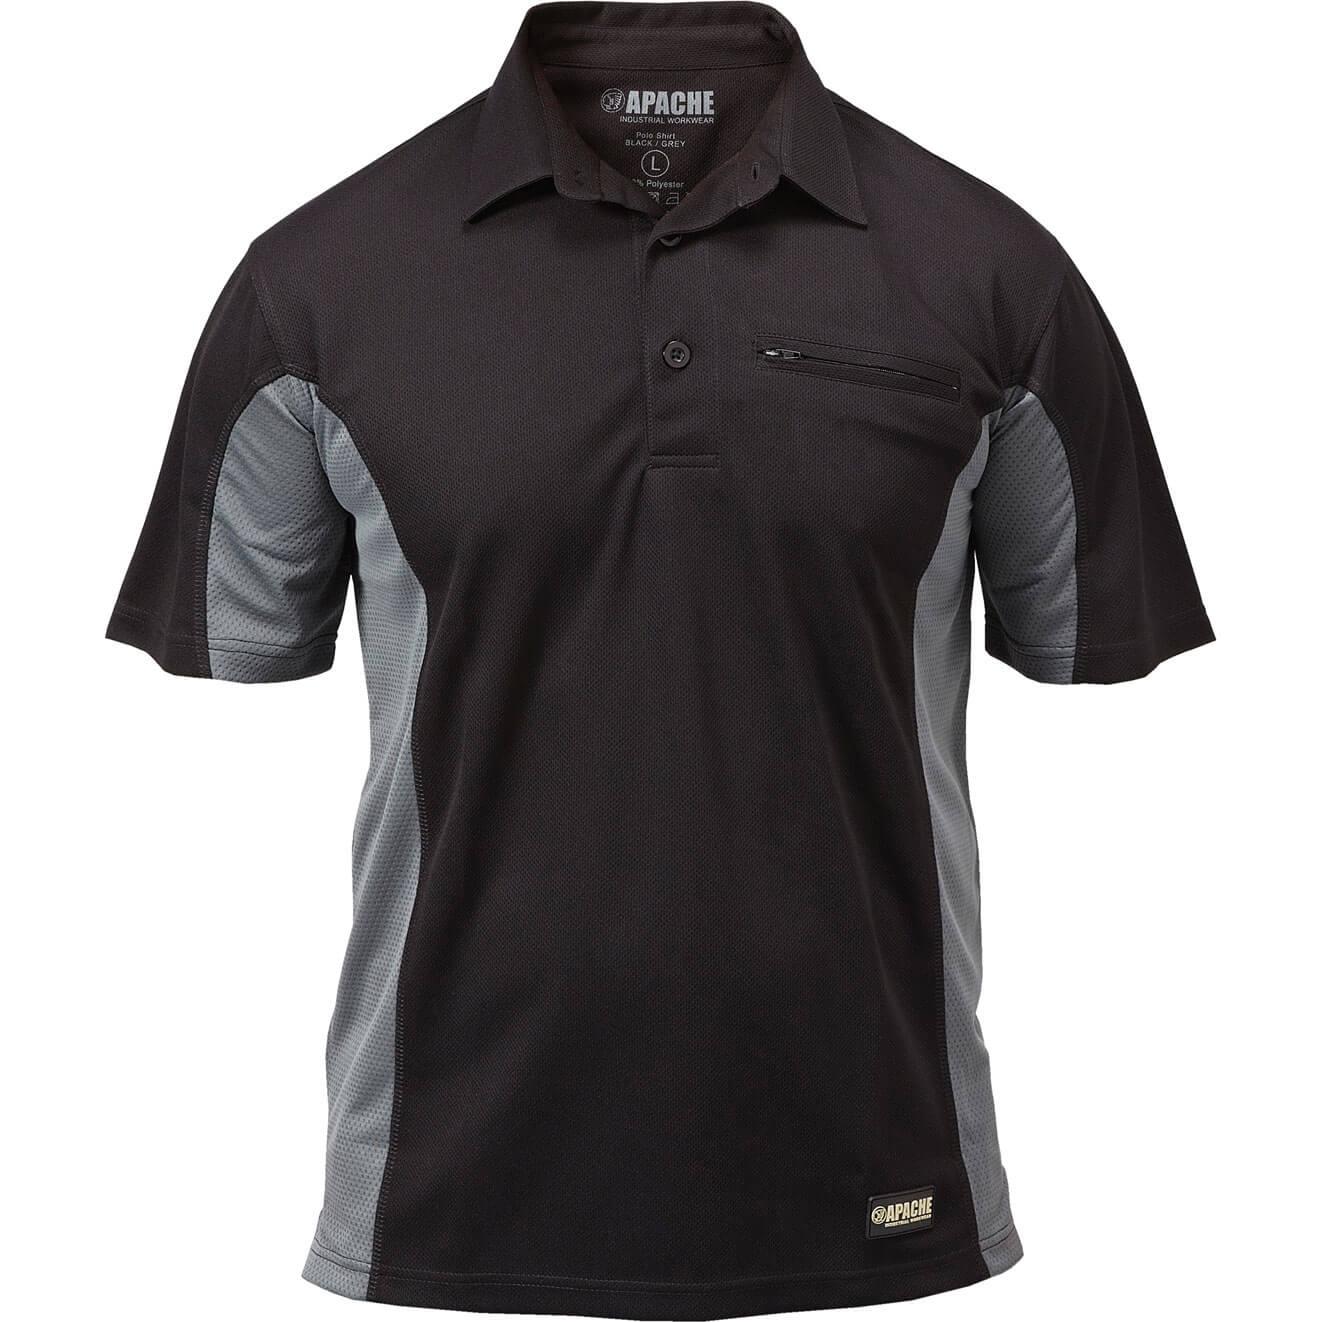 Image of Apache Mens Dry Max Polo Shirt Black / Grey L